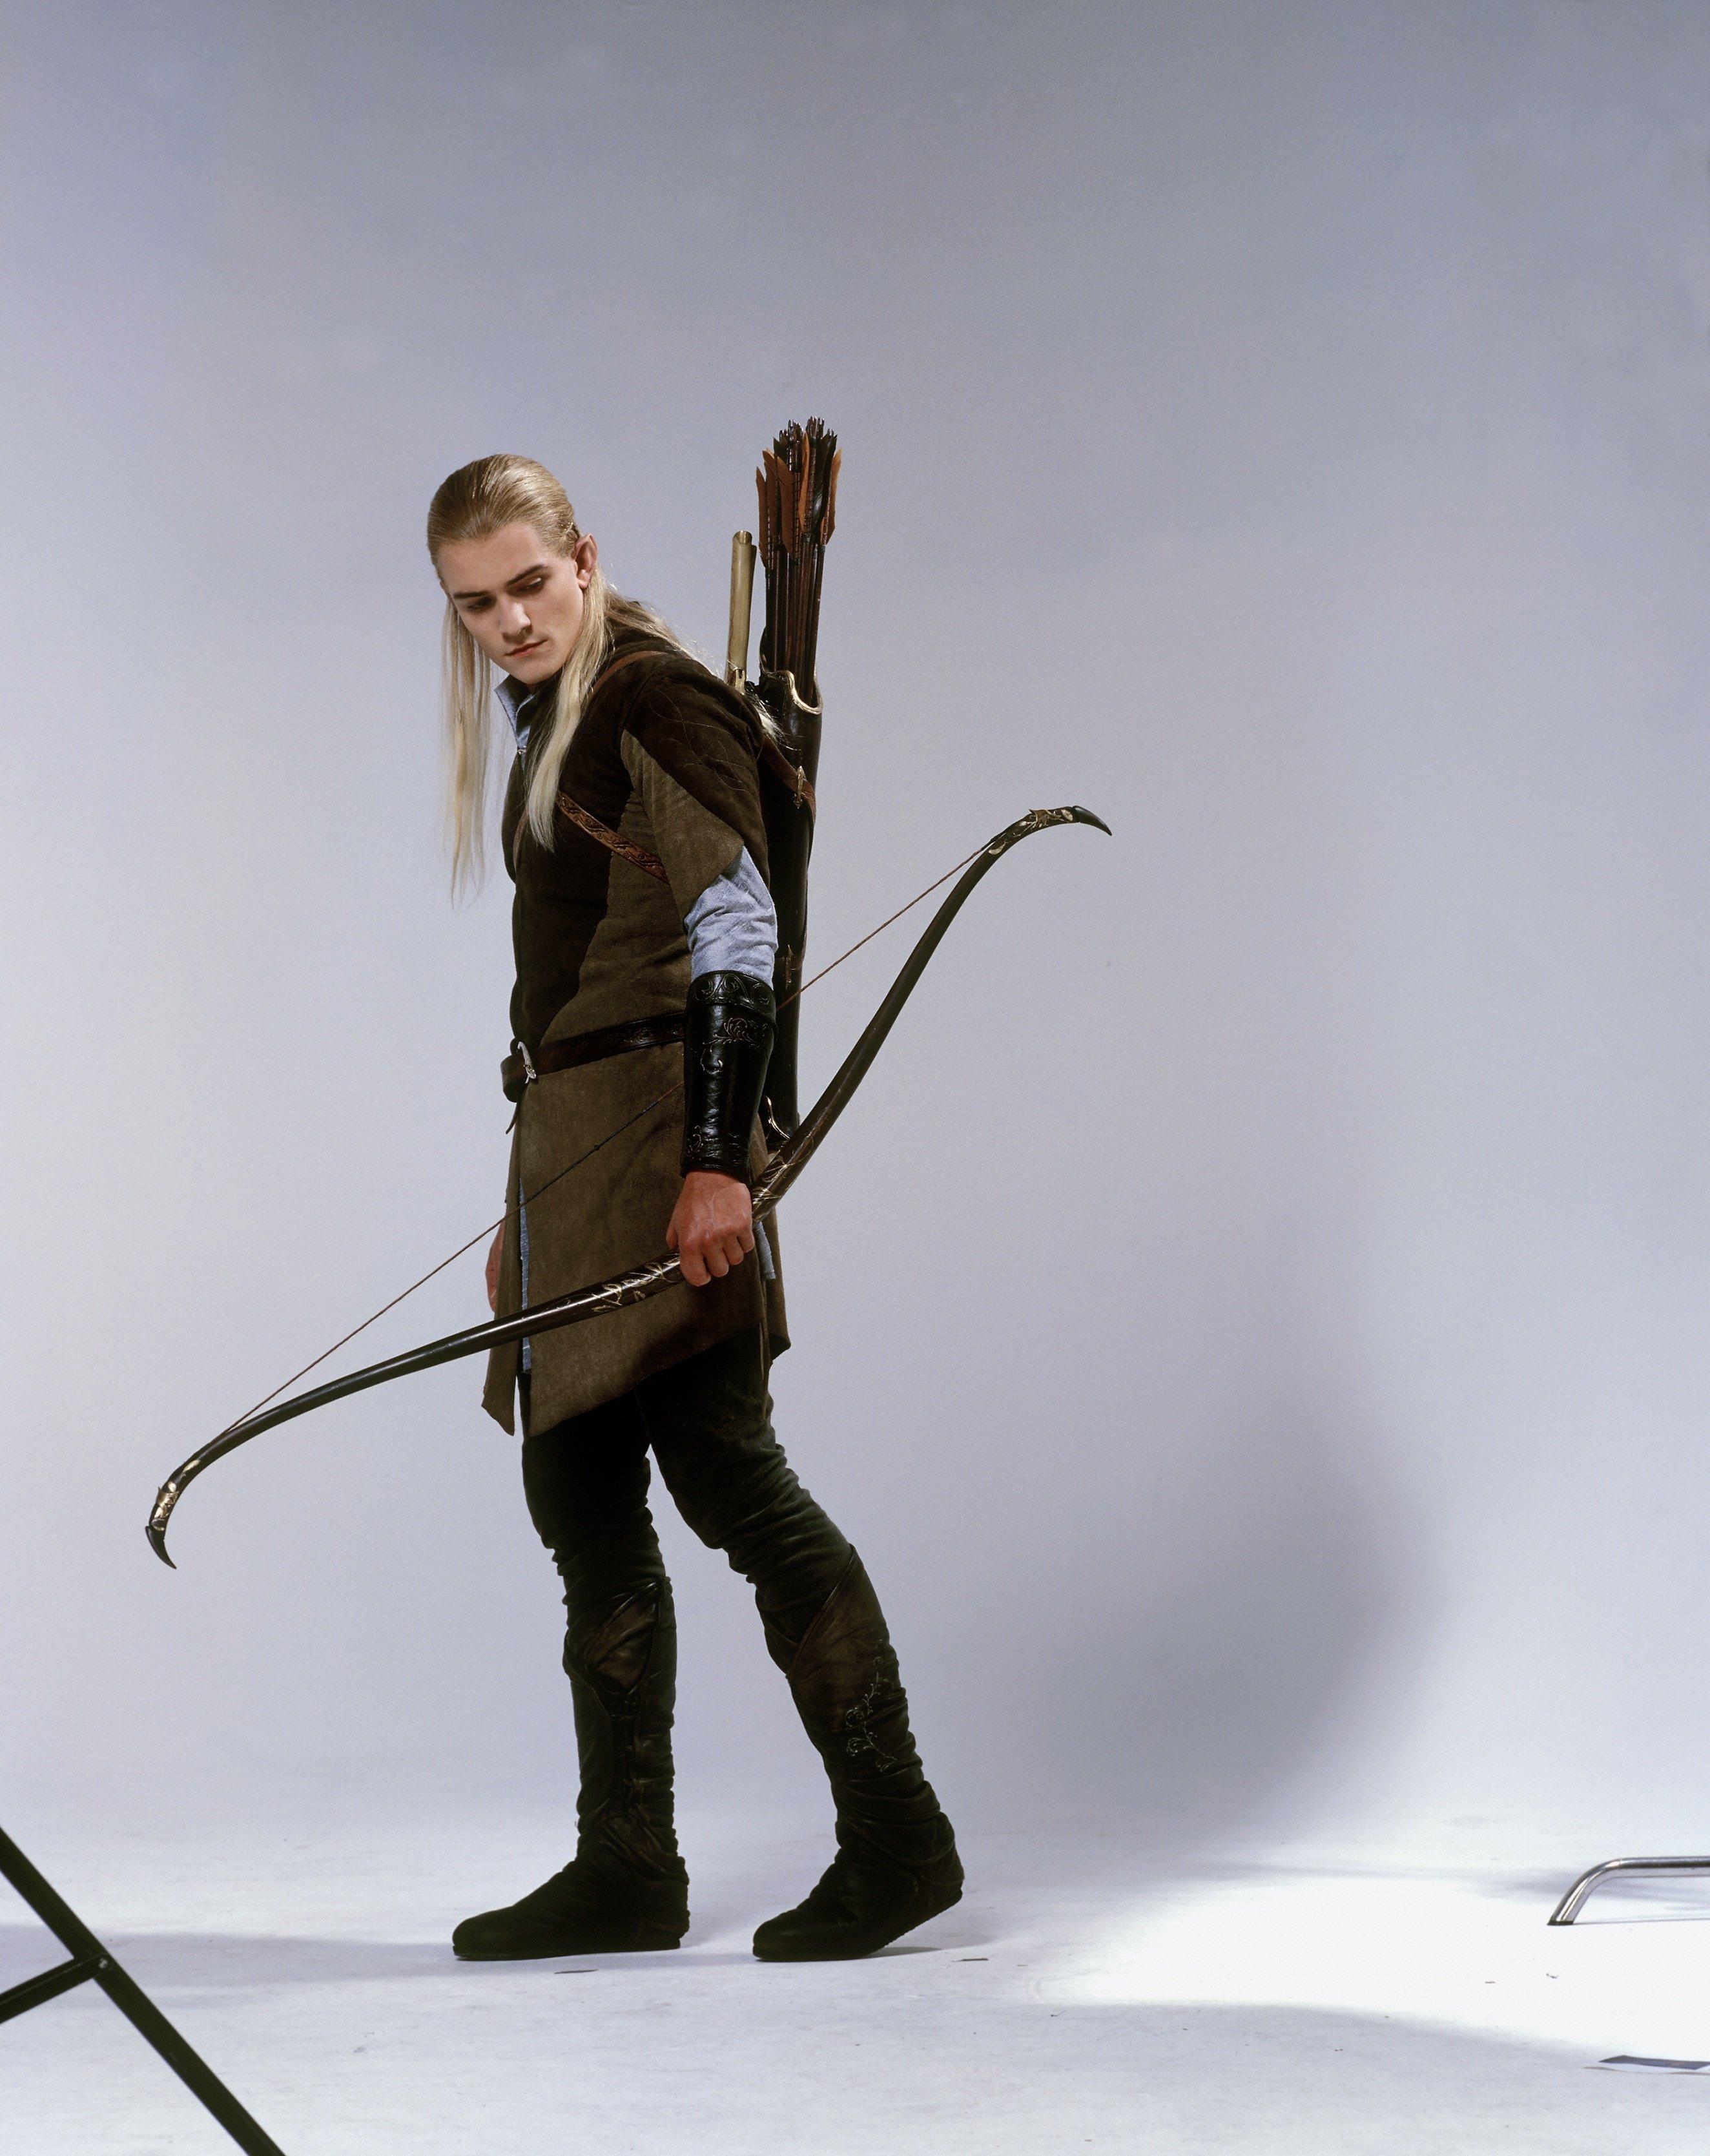 Legolas lotr tt - Lord of the Rings Photo (37618613) - Fanpop